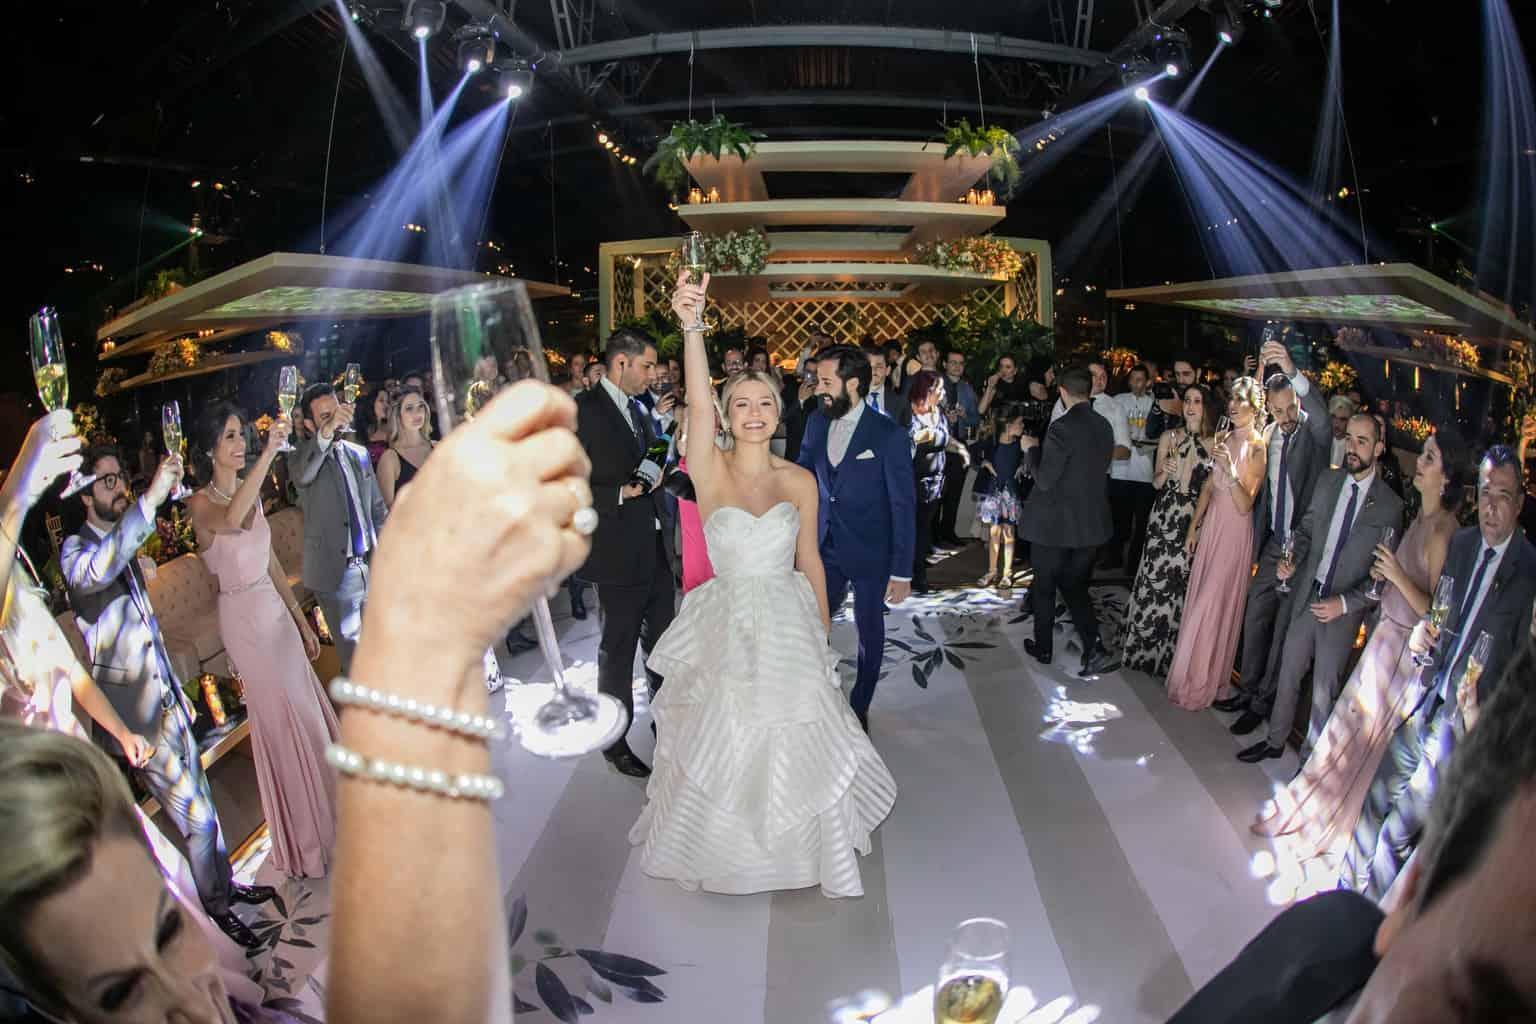 Casamento-Milene-e-Leonardo-decoracao-da-festa-Roberto-Tamer-terras-claras266